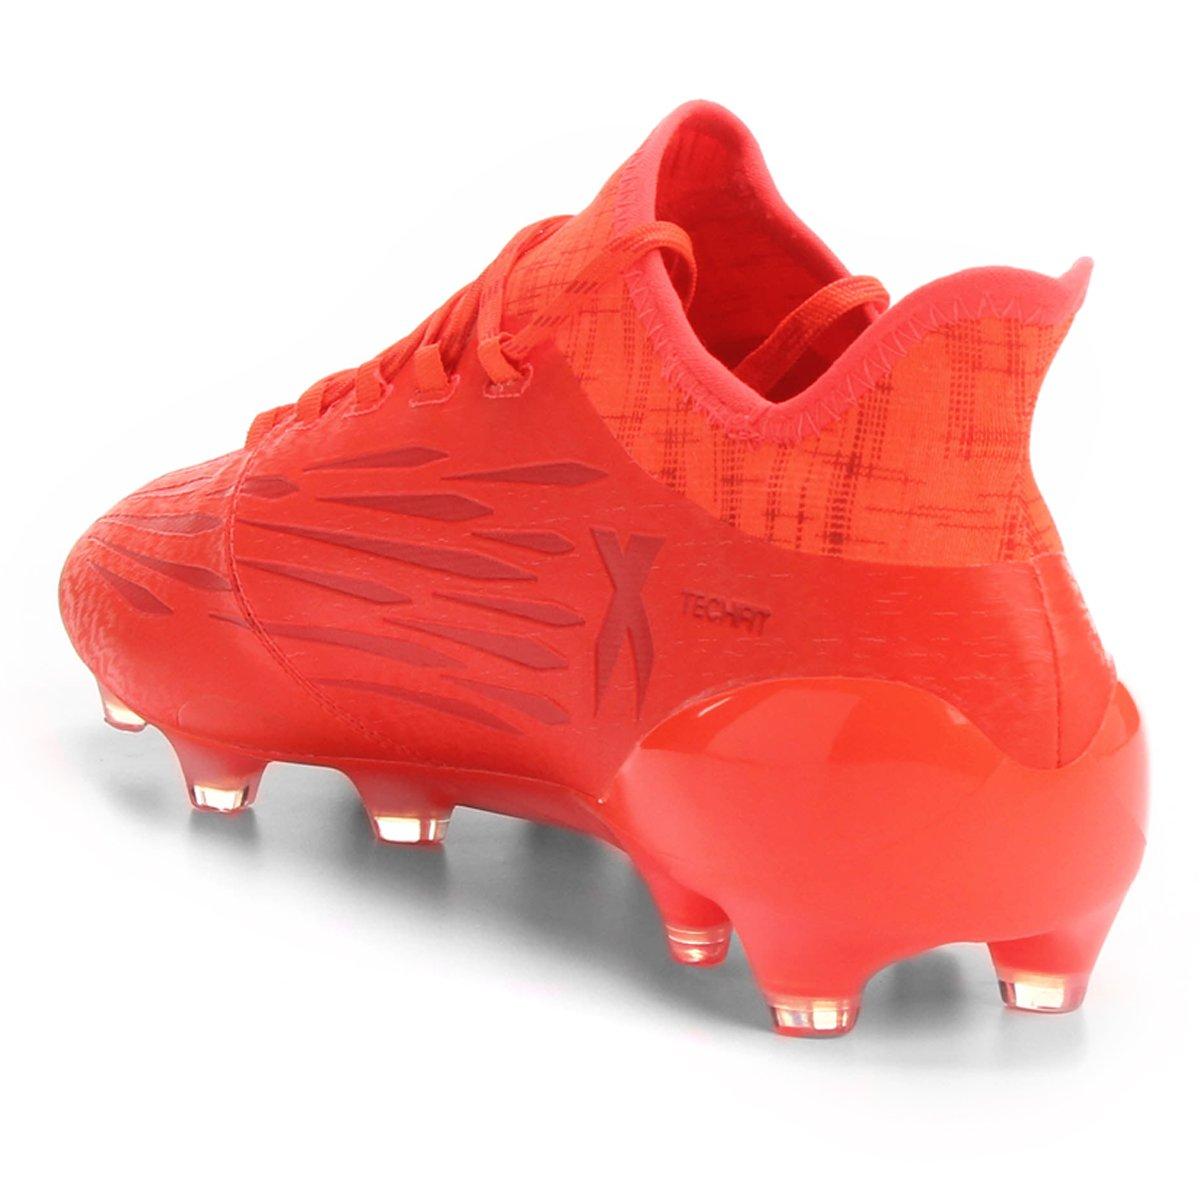 Chuteira Campo Adidas X 16 1 FG Masculina - Compre Agora  727d633022442